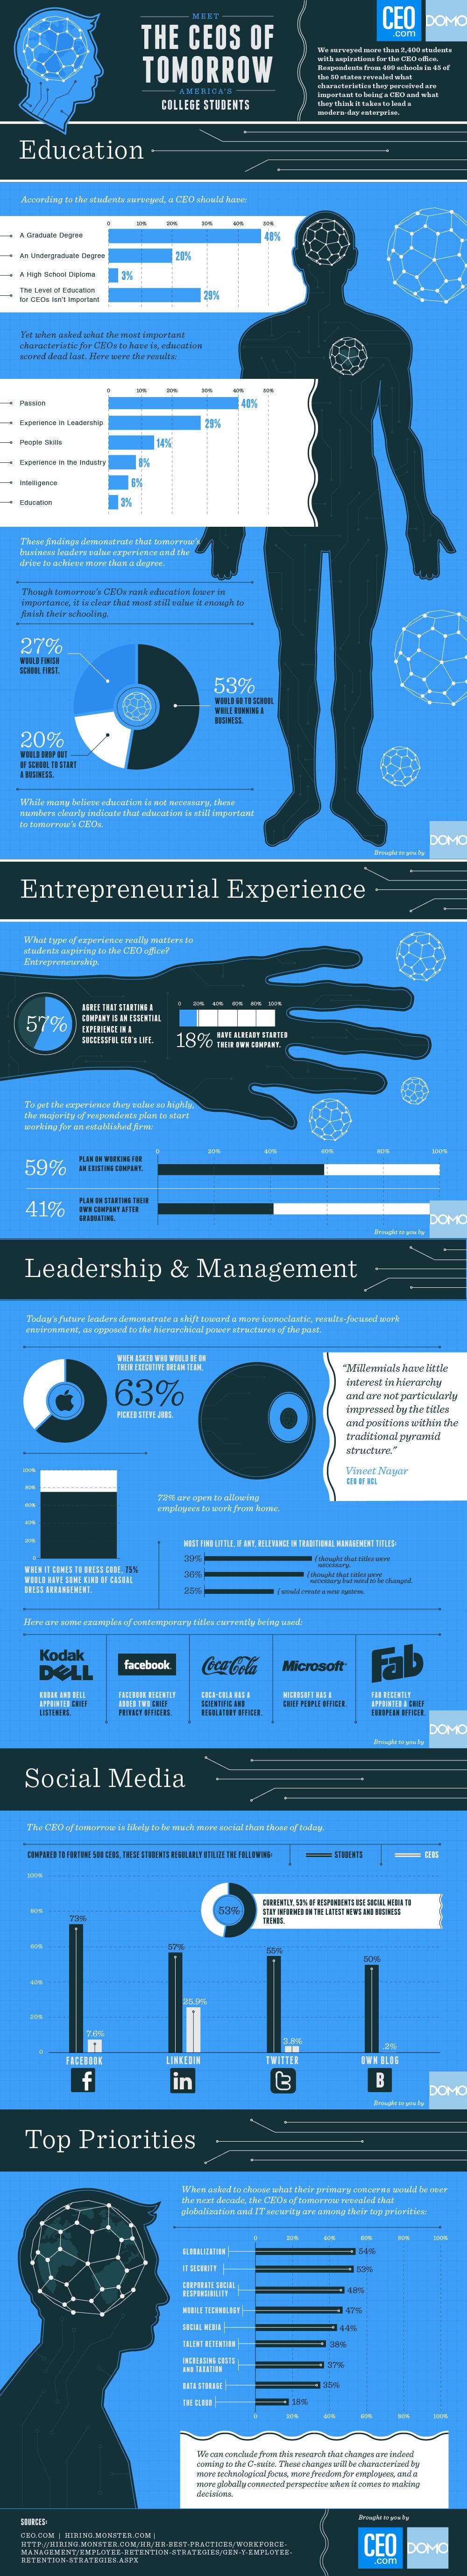 Los Ceo Del Futuro #infografia #infographic #education